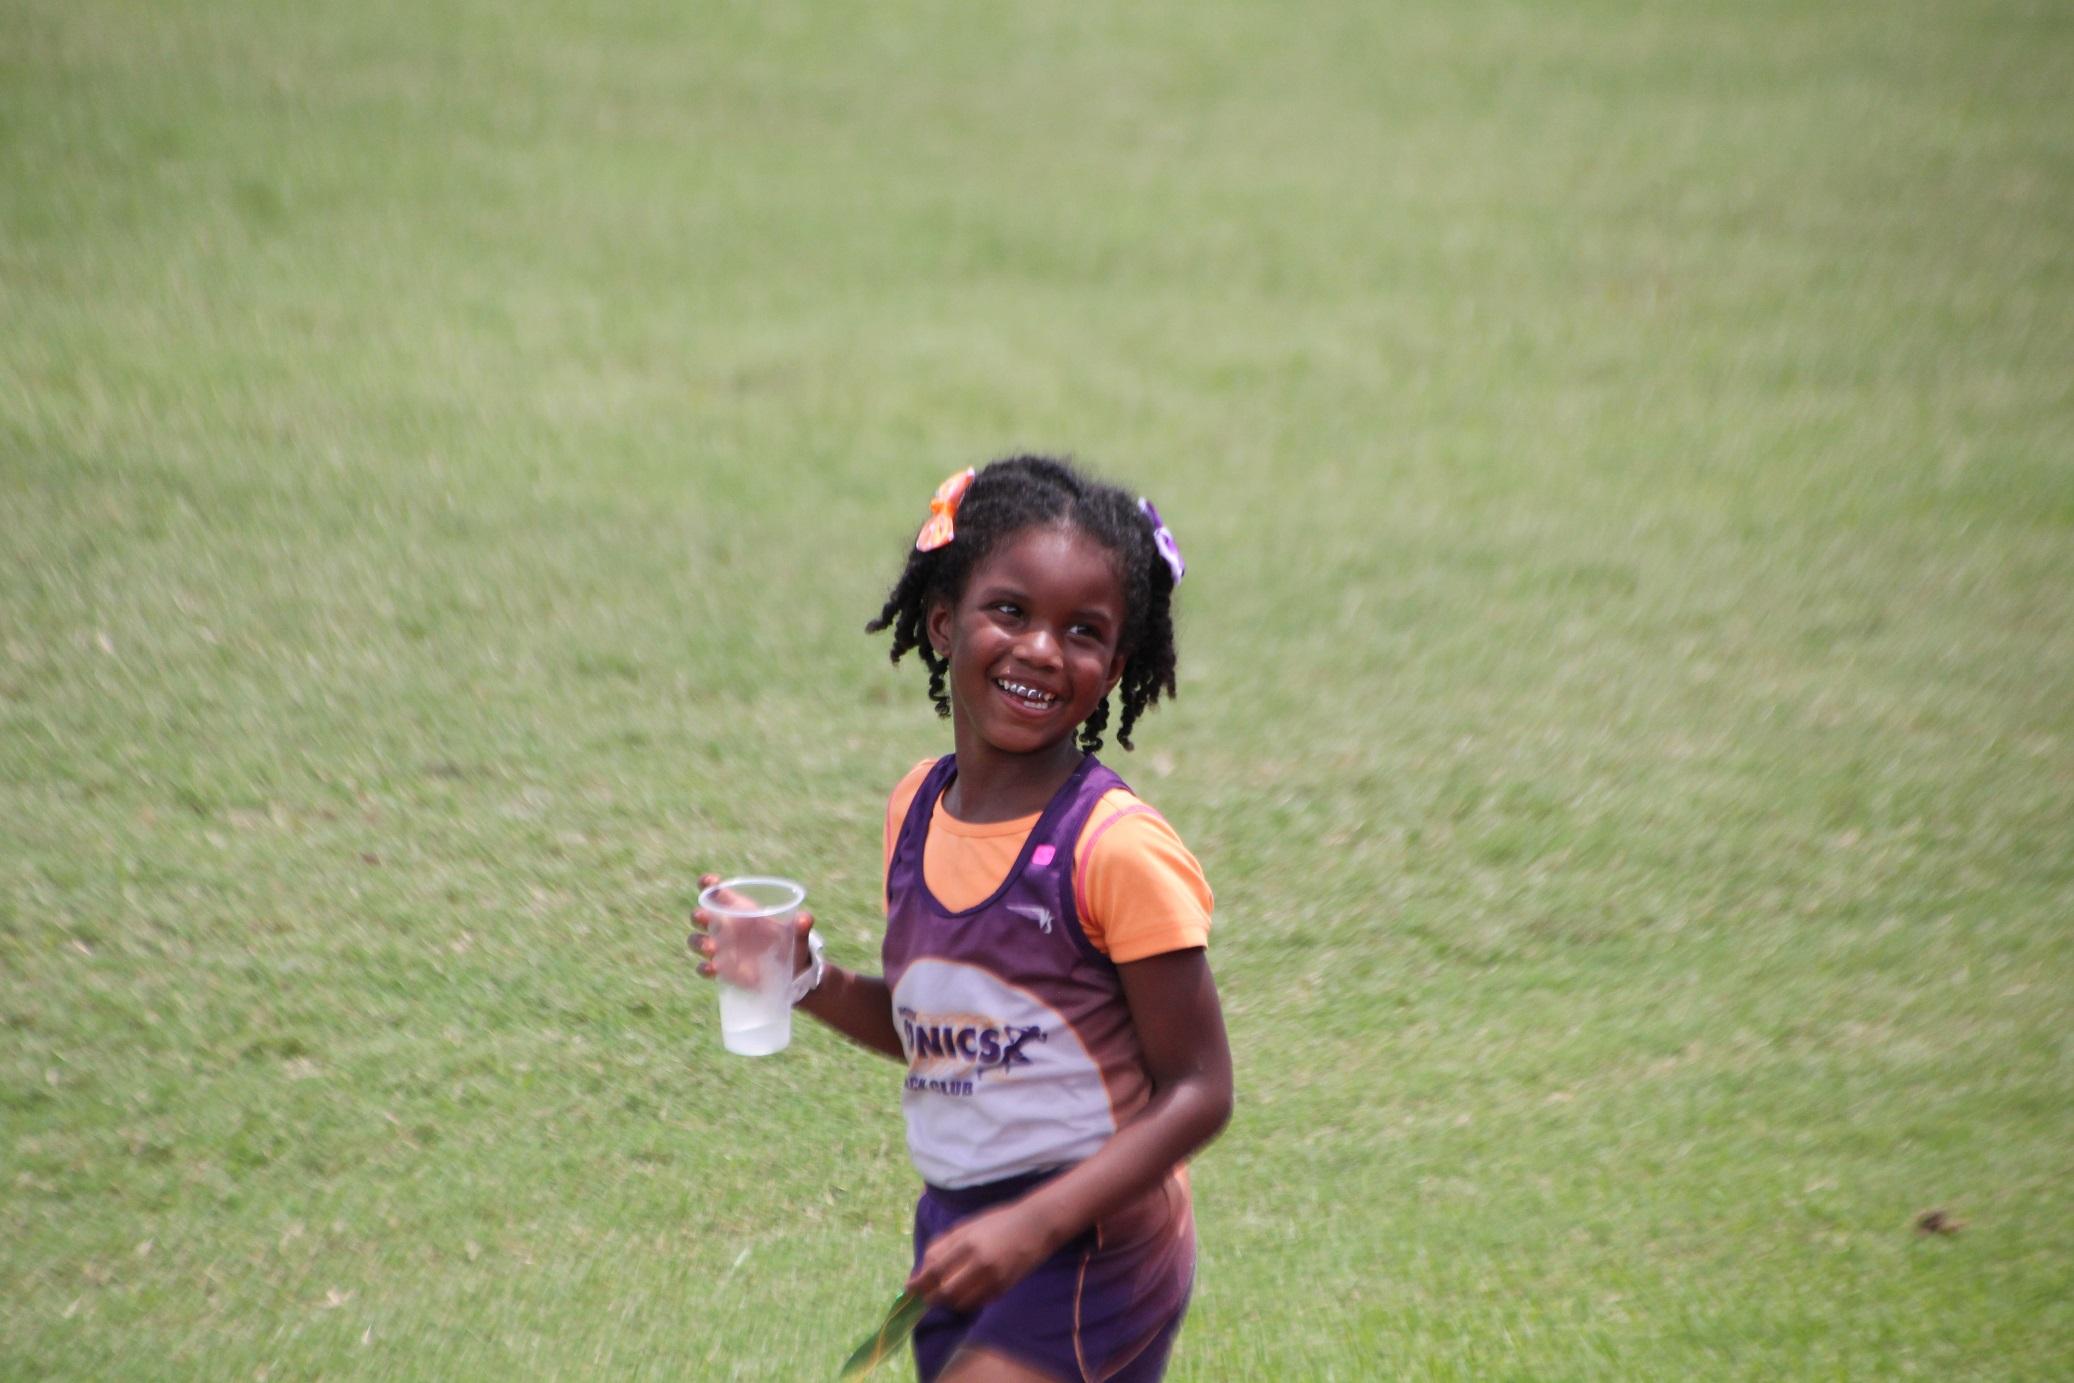 Navaeh flashing her big smile